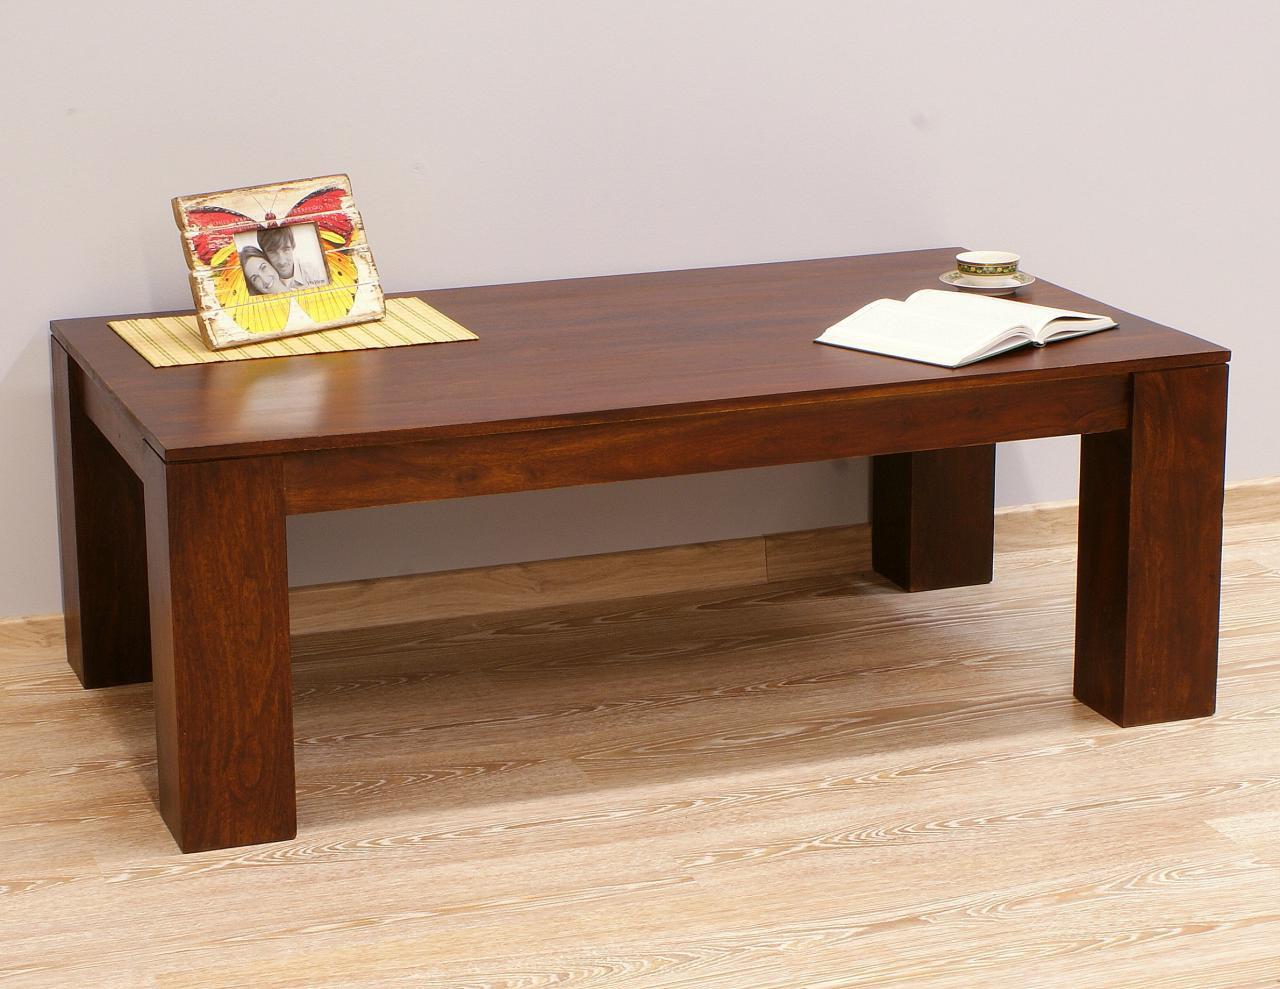 Ława kolonialna stolik kawowy lite drewno palisander indyjski